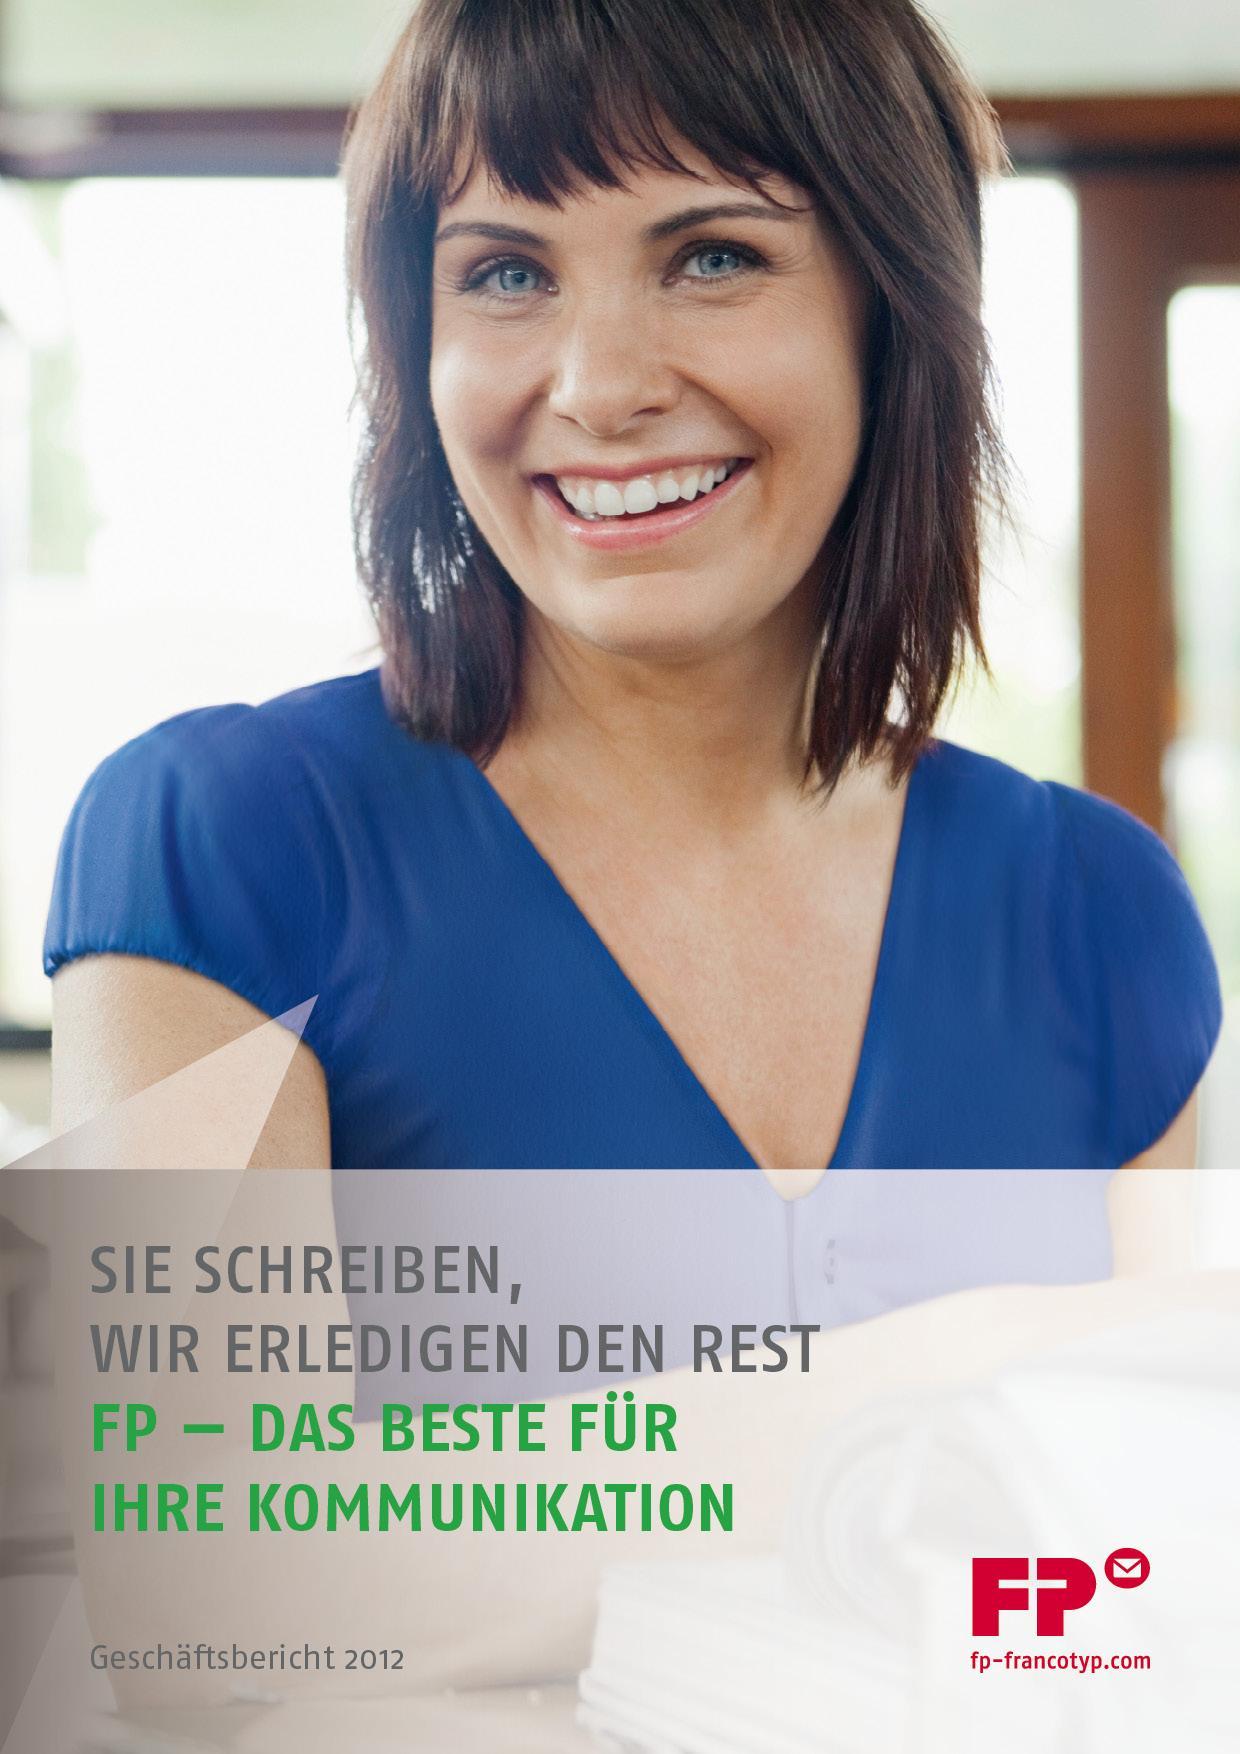 FP Geschäftsbericht 2012